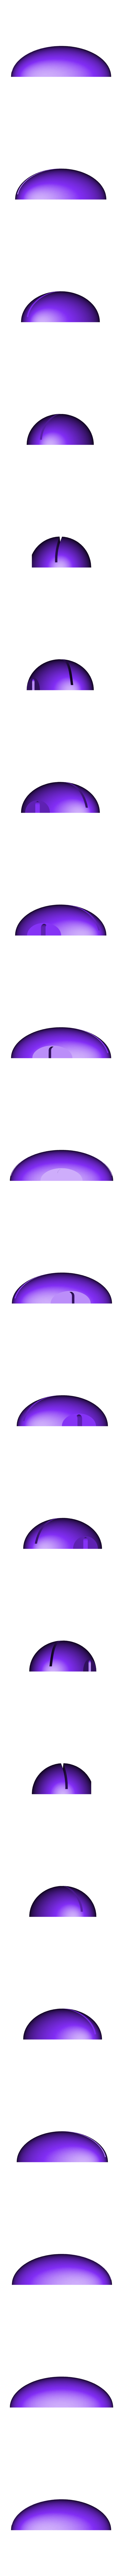 porte_photo.stl Télécharger fichier STL gratuit Porte photo sphérique #HP3D • Modèle à imprimer en 3D, magou